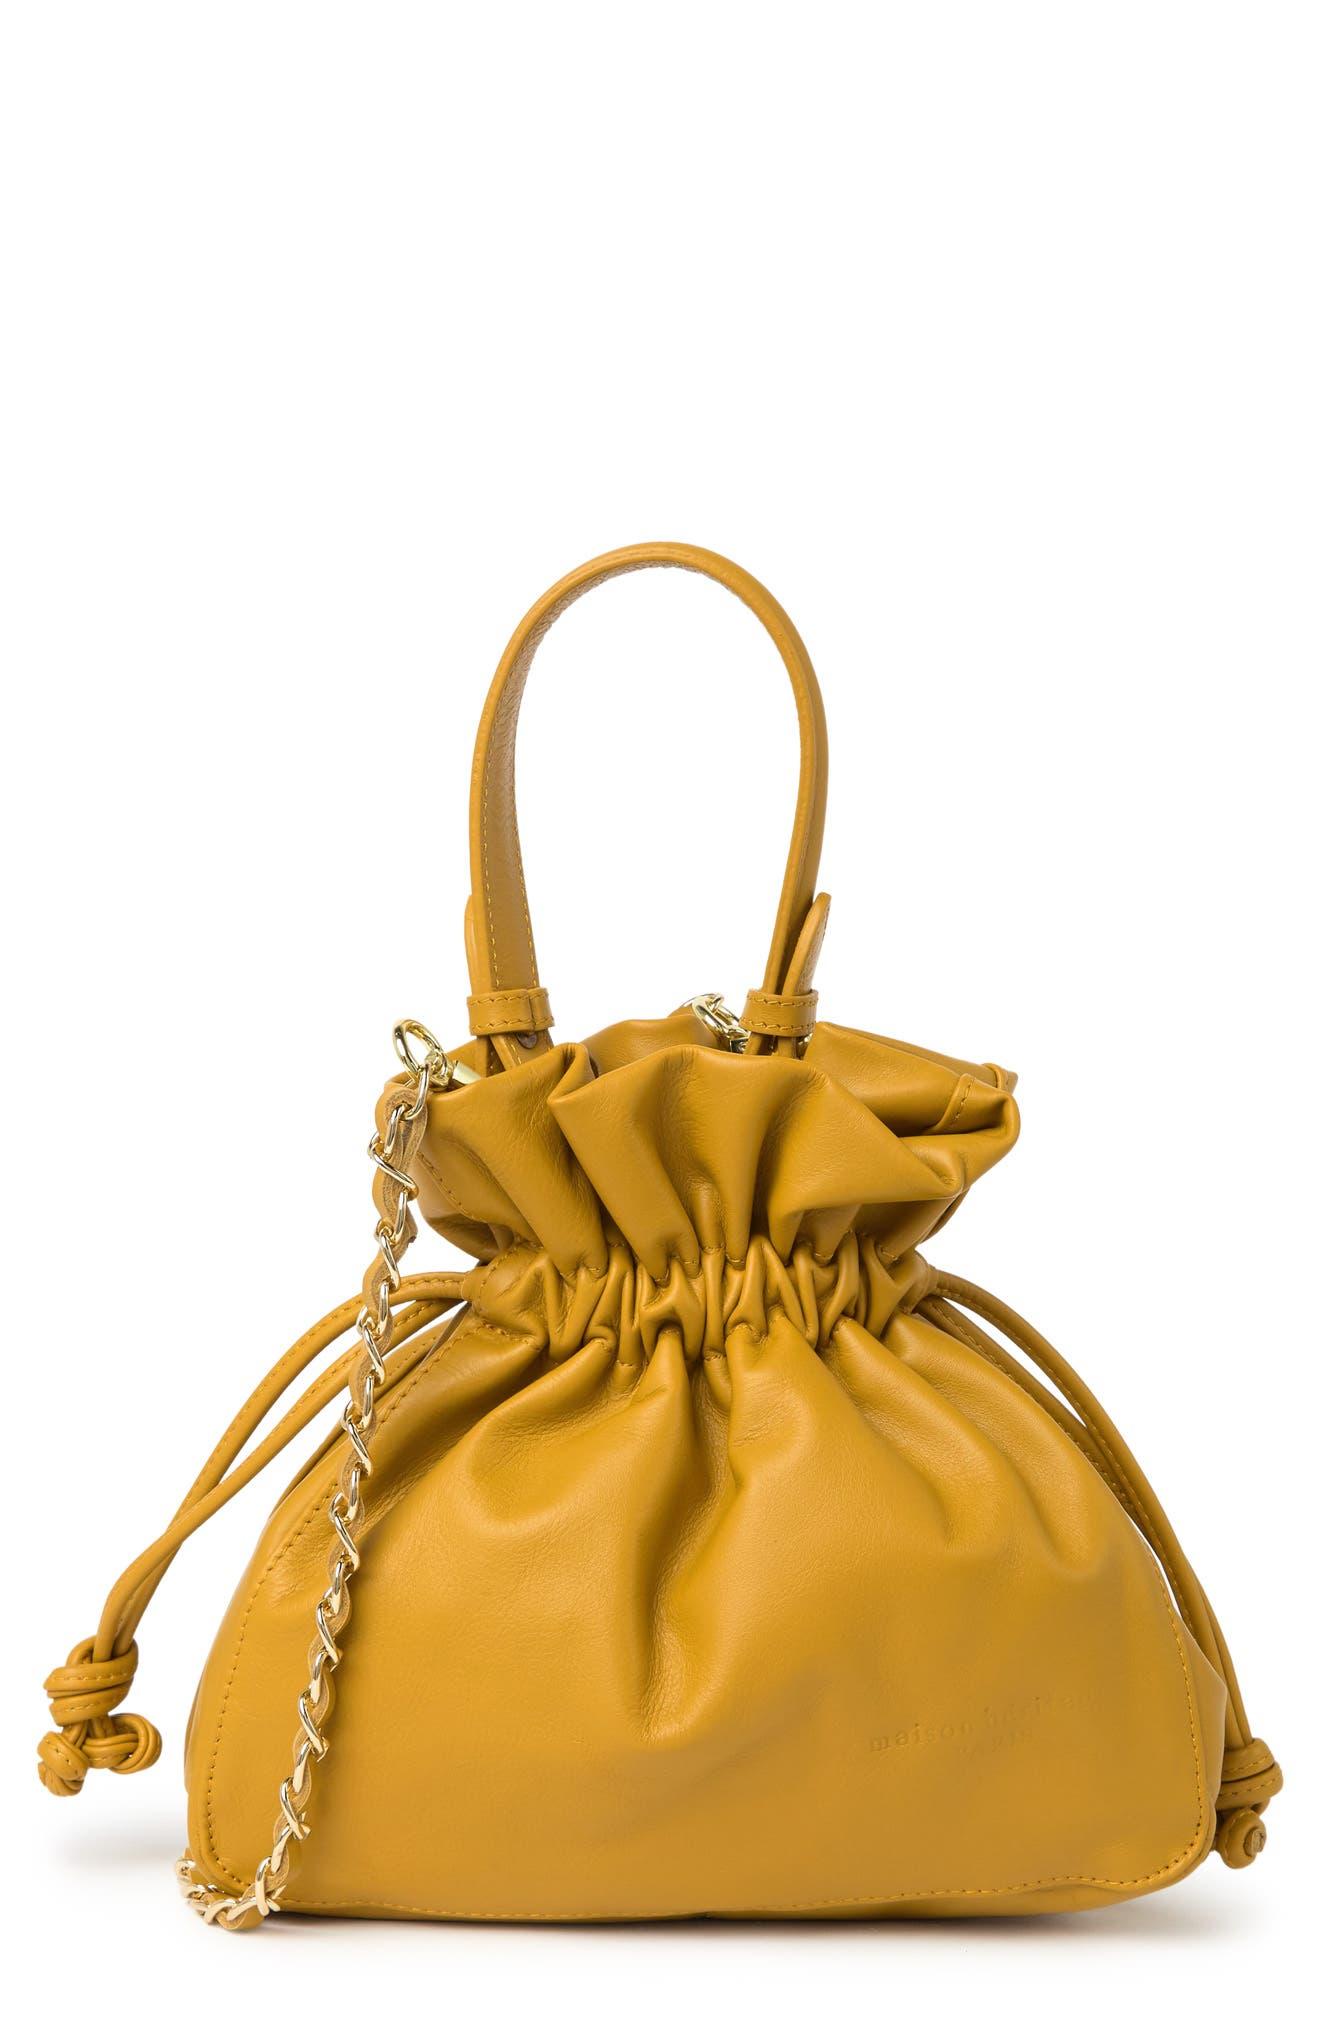 Image of Maison Heritage Reni Sac Bourse Leather Satchel